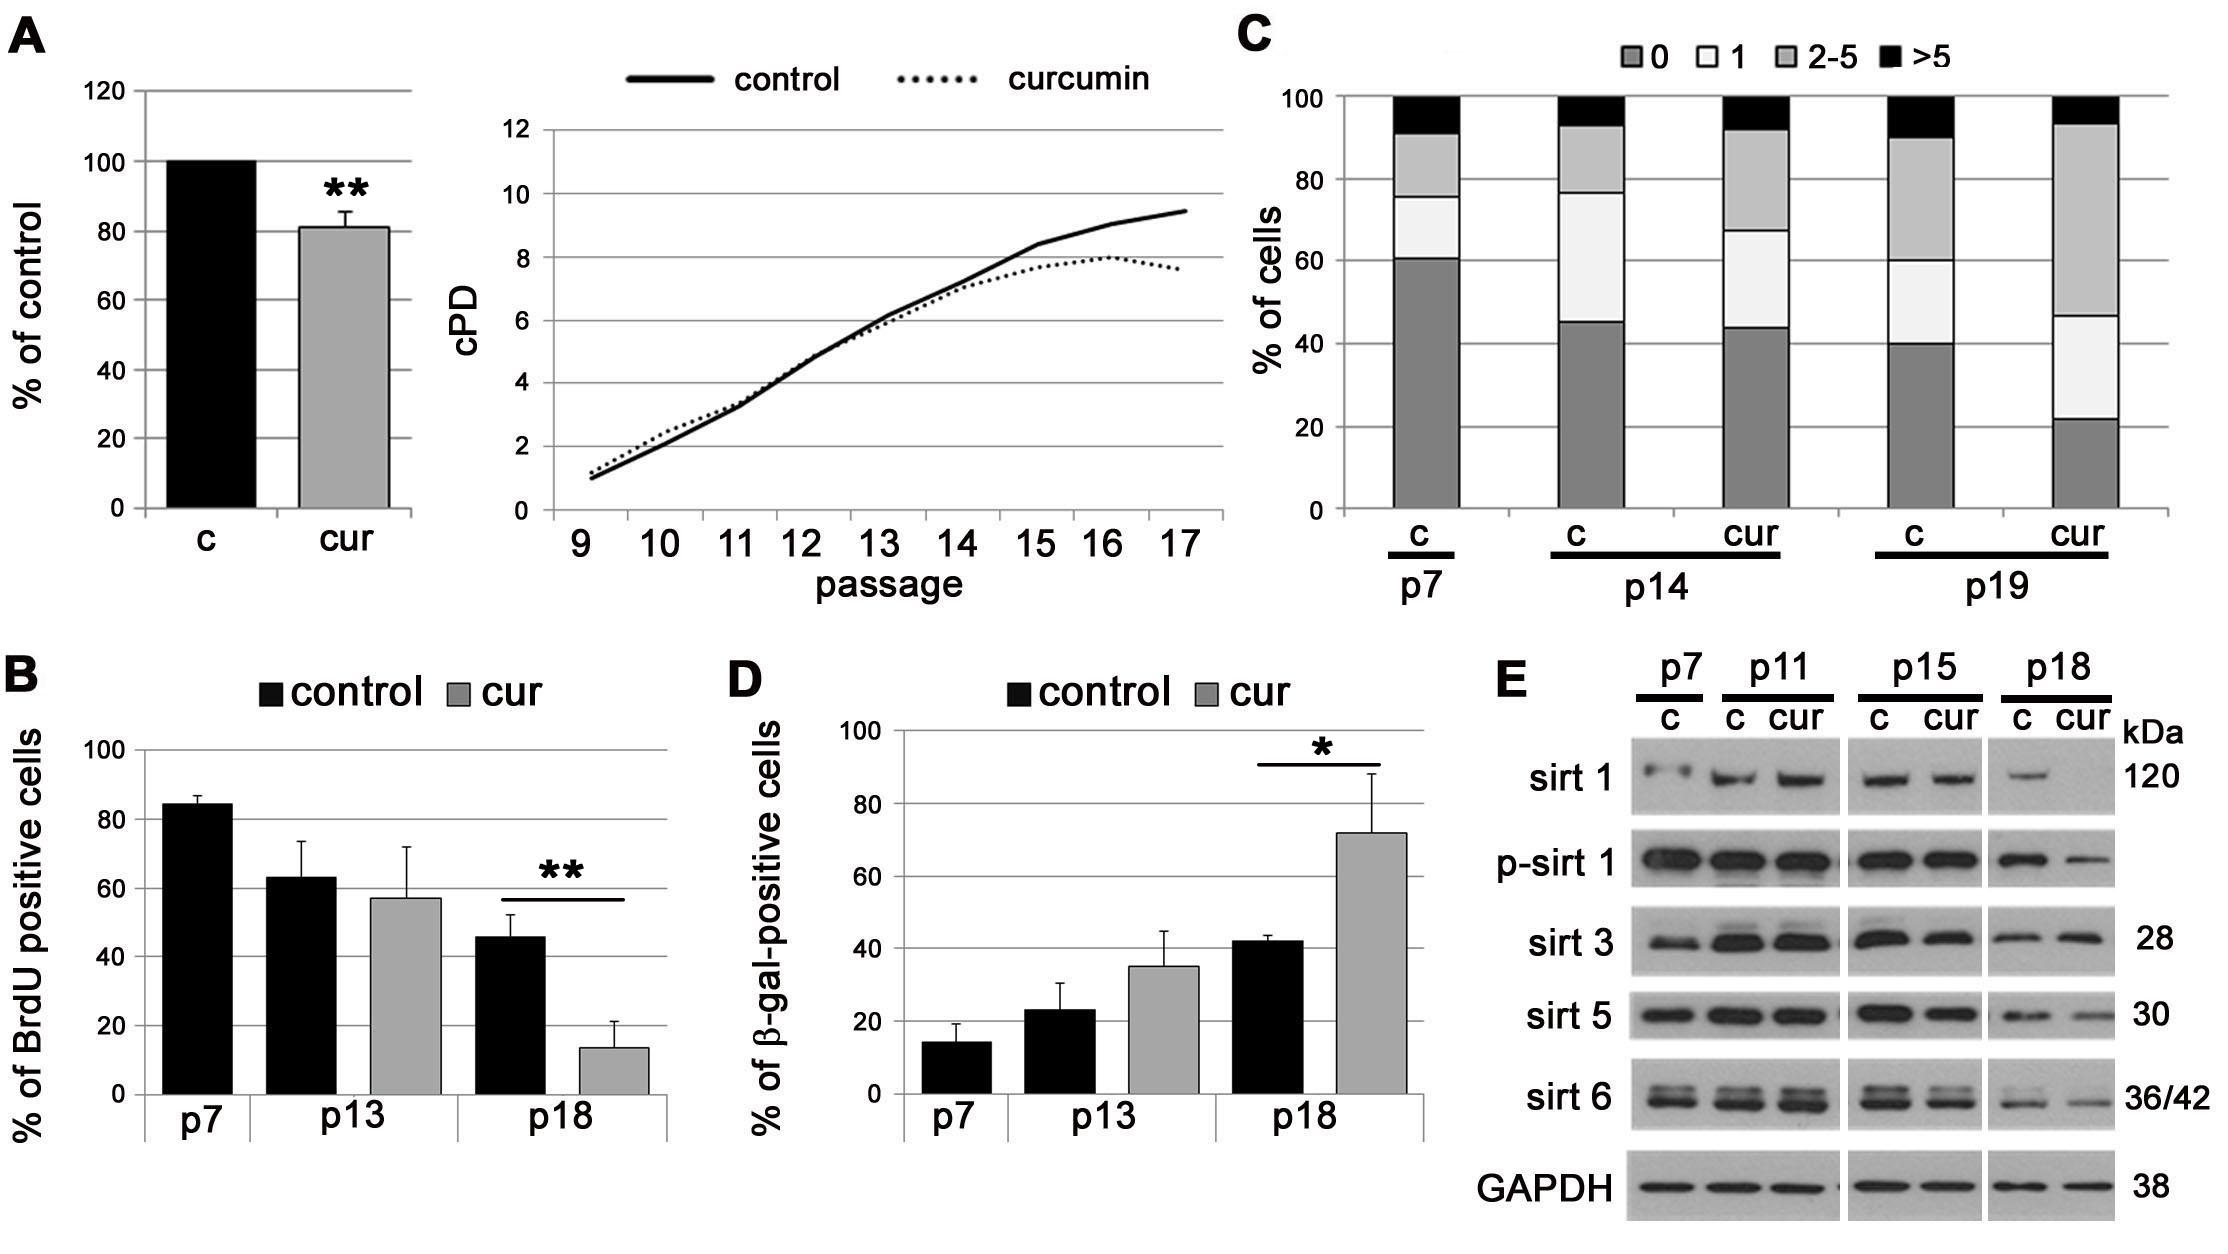 The impact of curcumin on replicative senescence of EC.